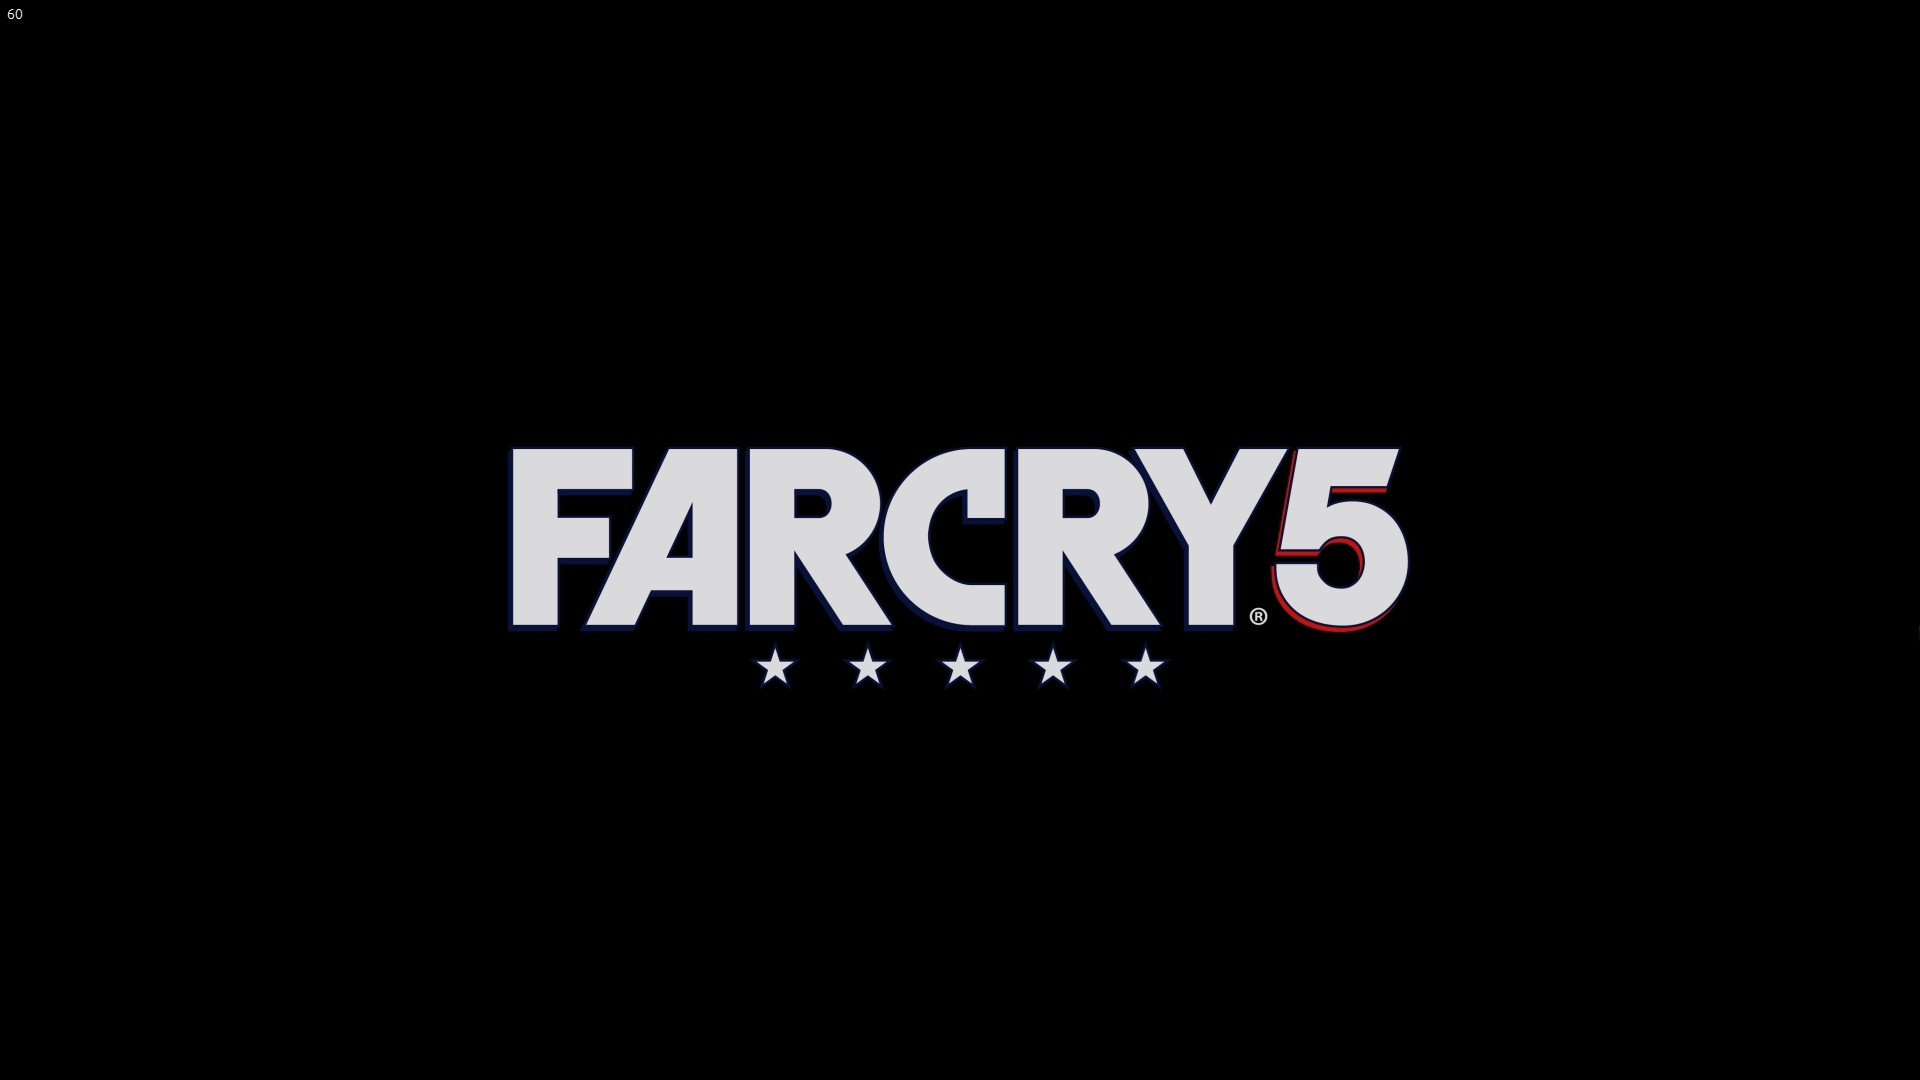 【ネタバレ】ゲームで古典的に一番やってはいけない!!時間を無駄にしたと思わせたゲーム【FarCry5】